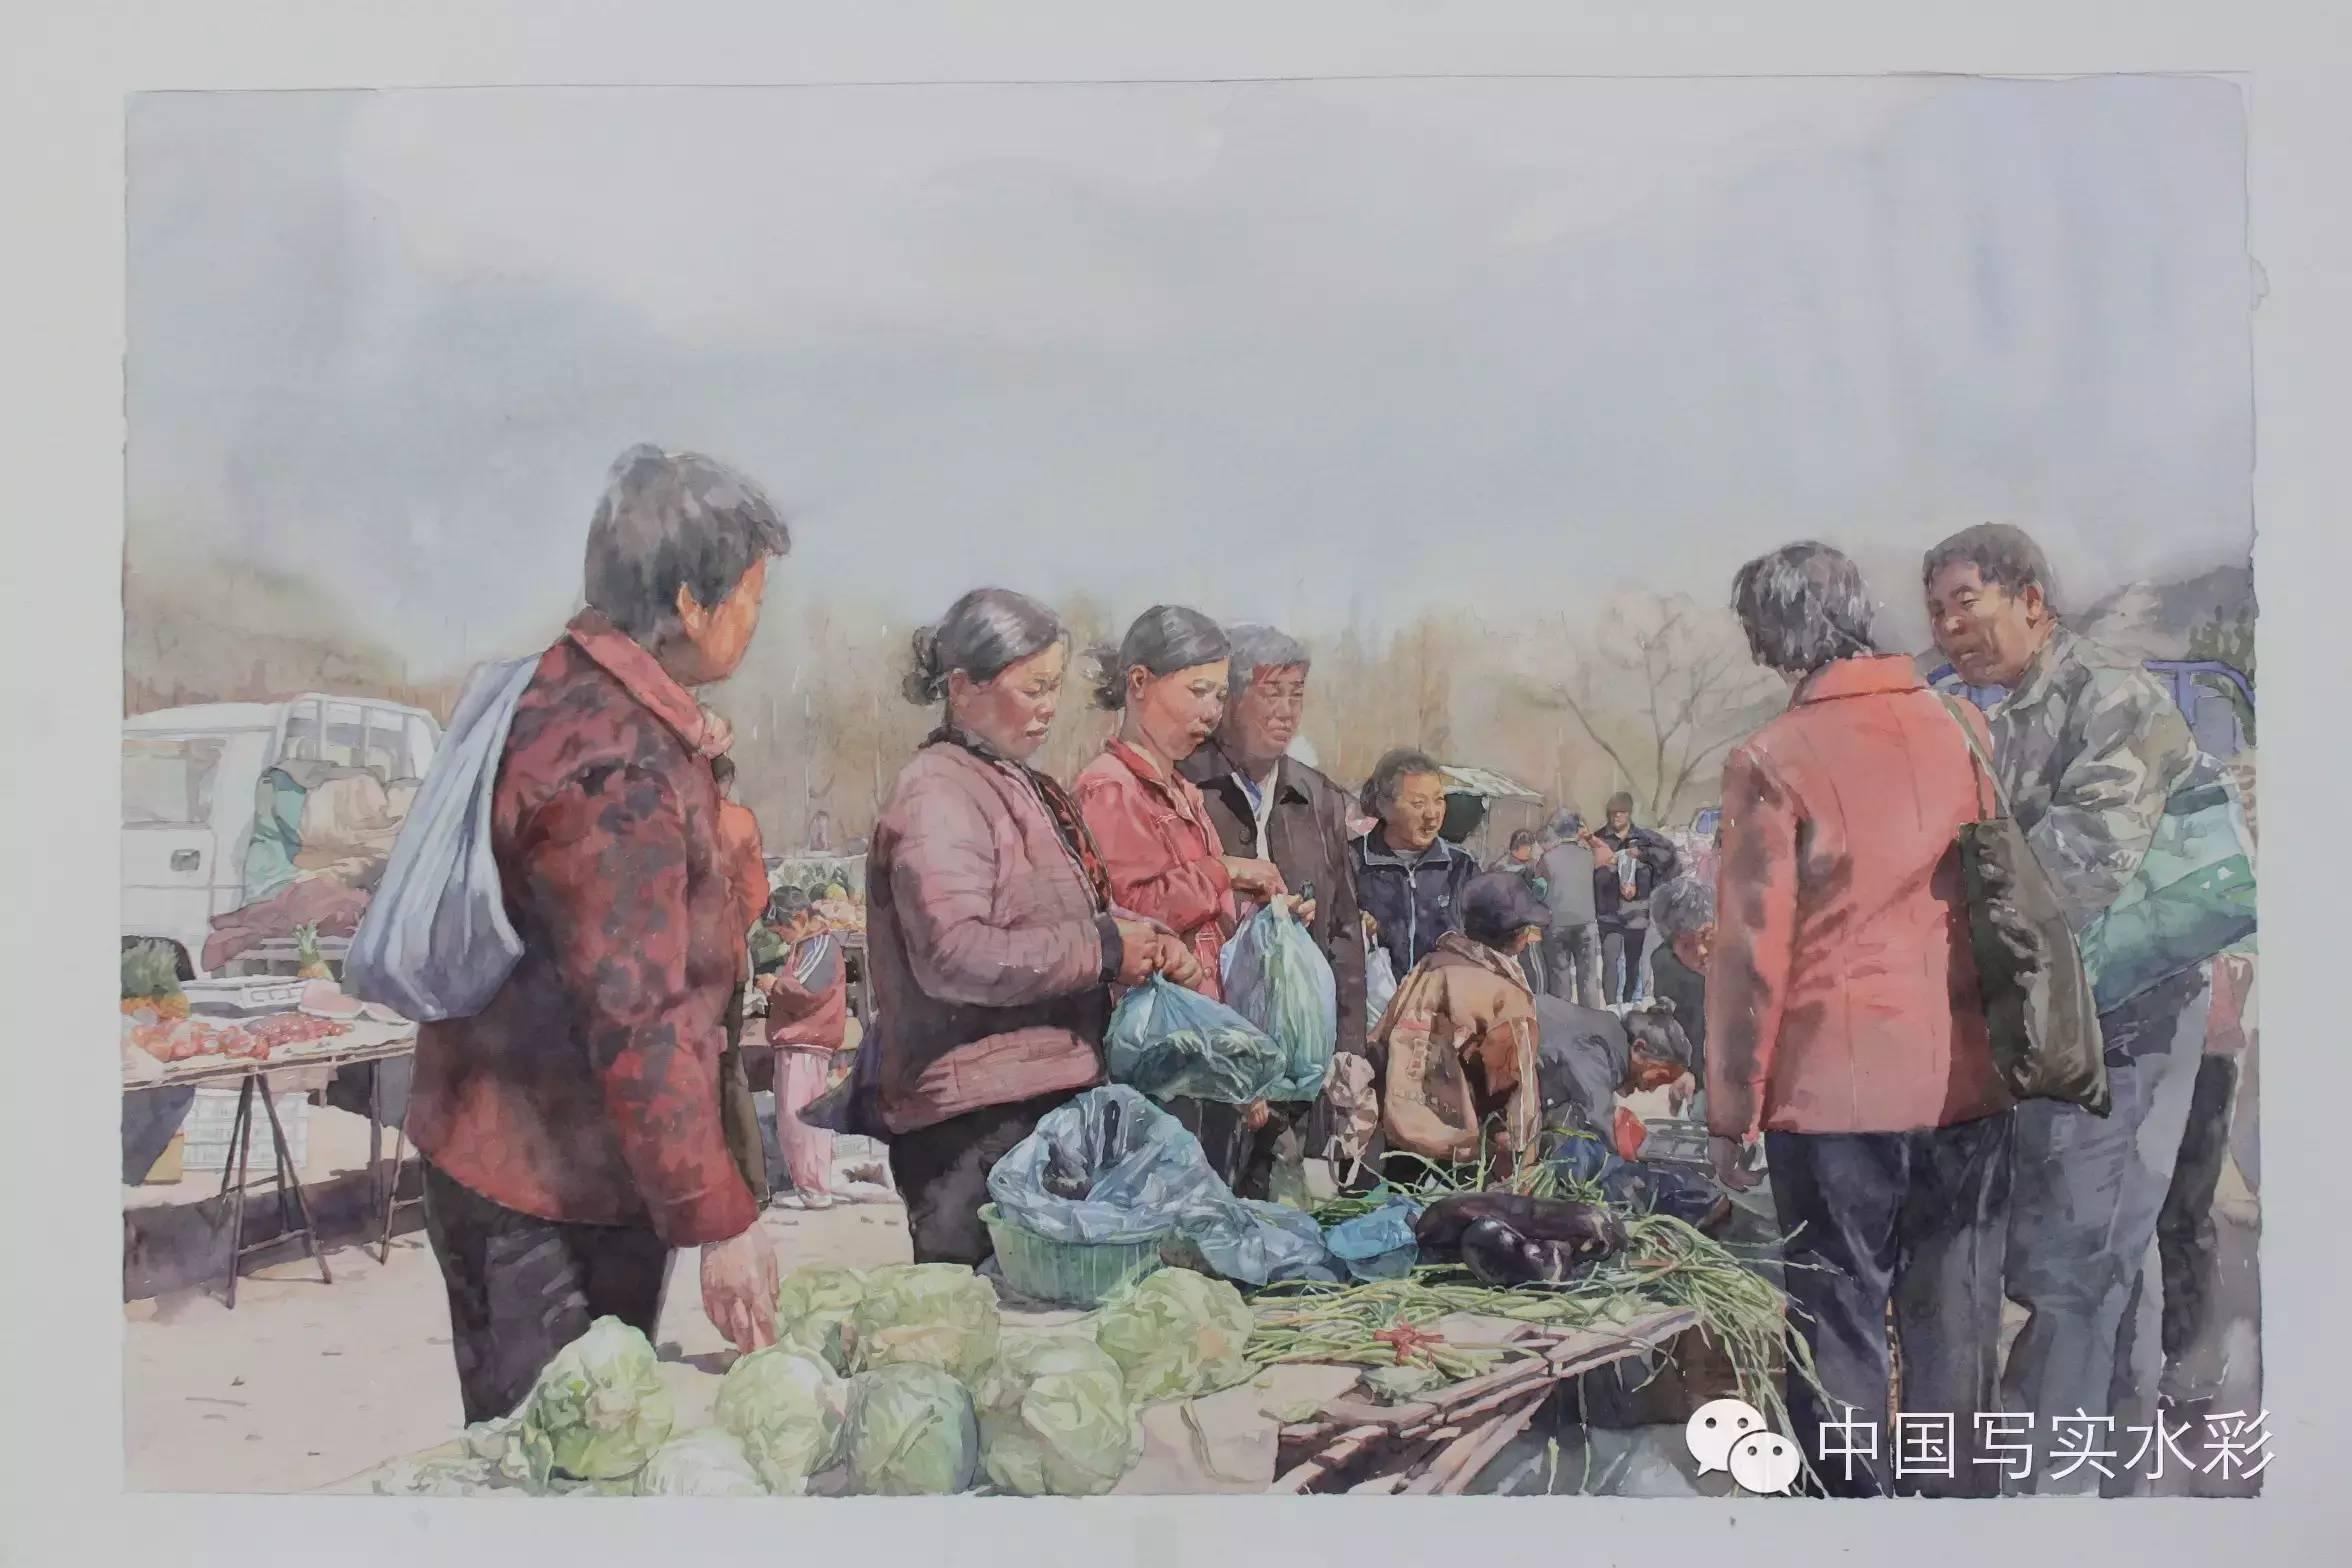 中国写实水彩第一回展——参展画家何媛媛作品欣赏 第8张